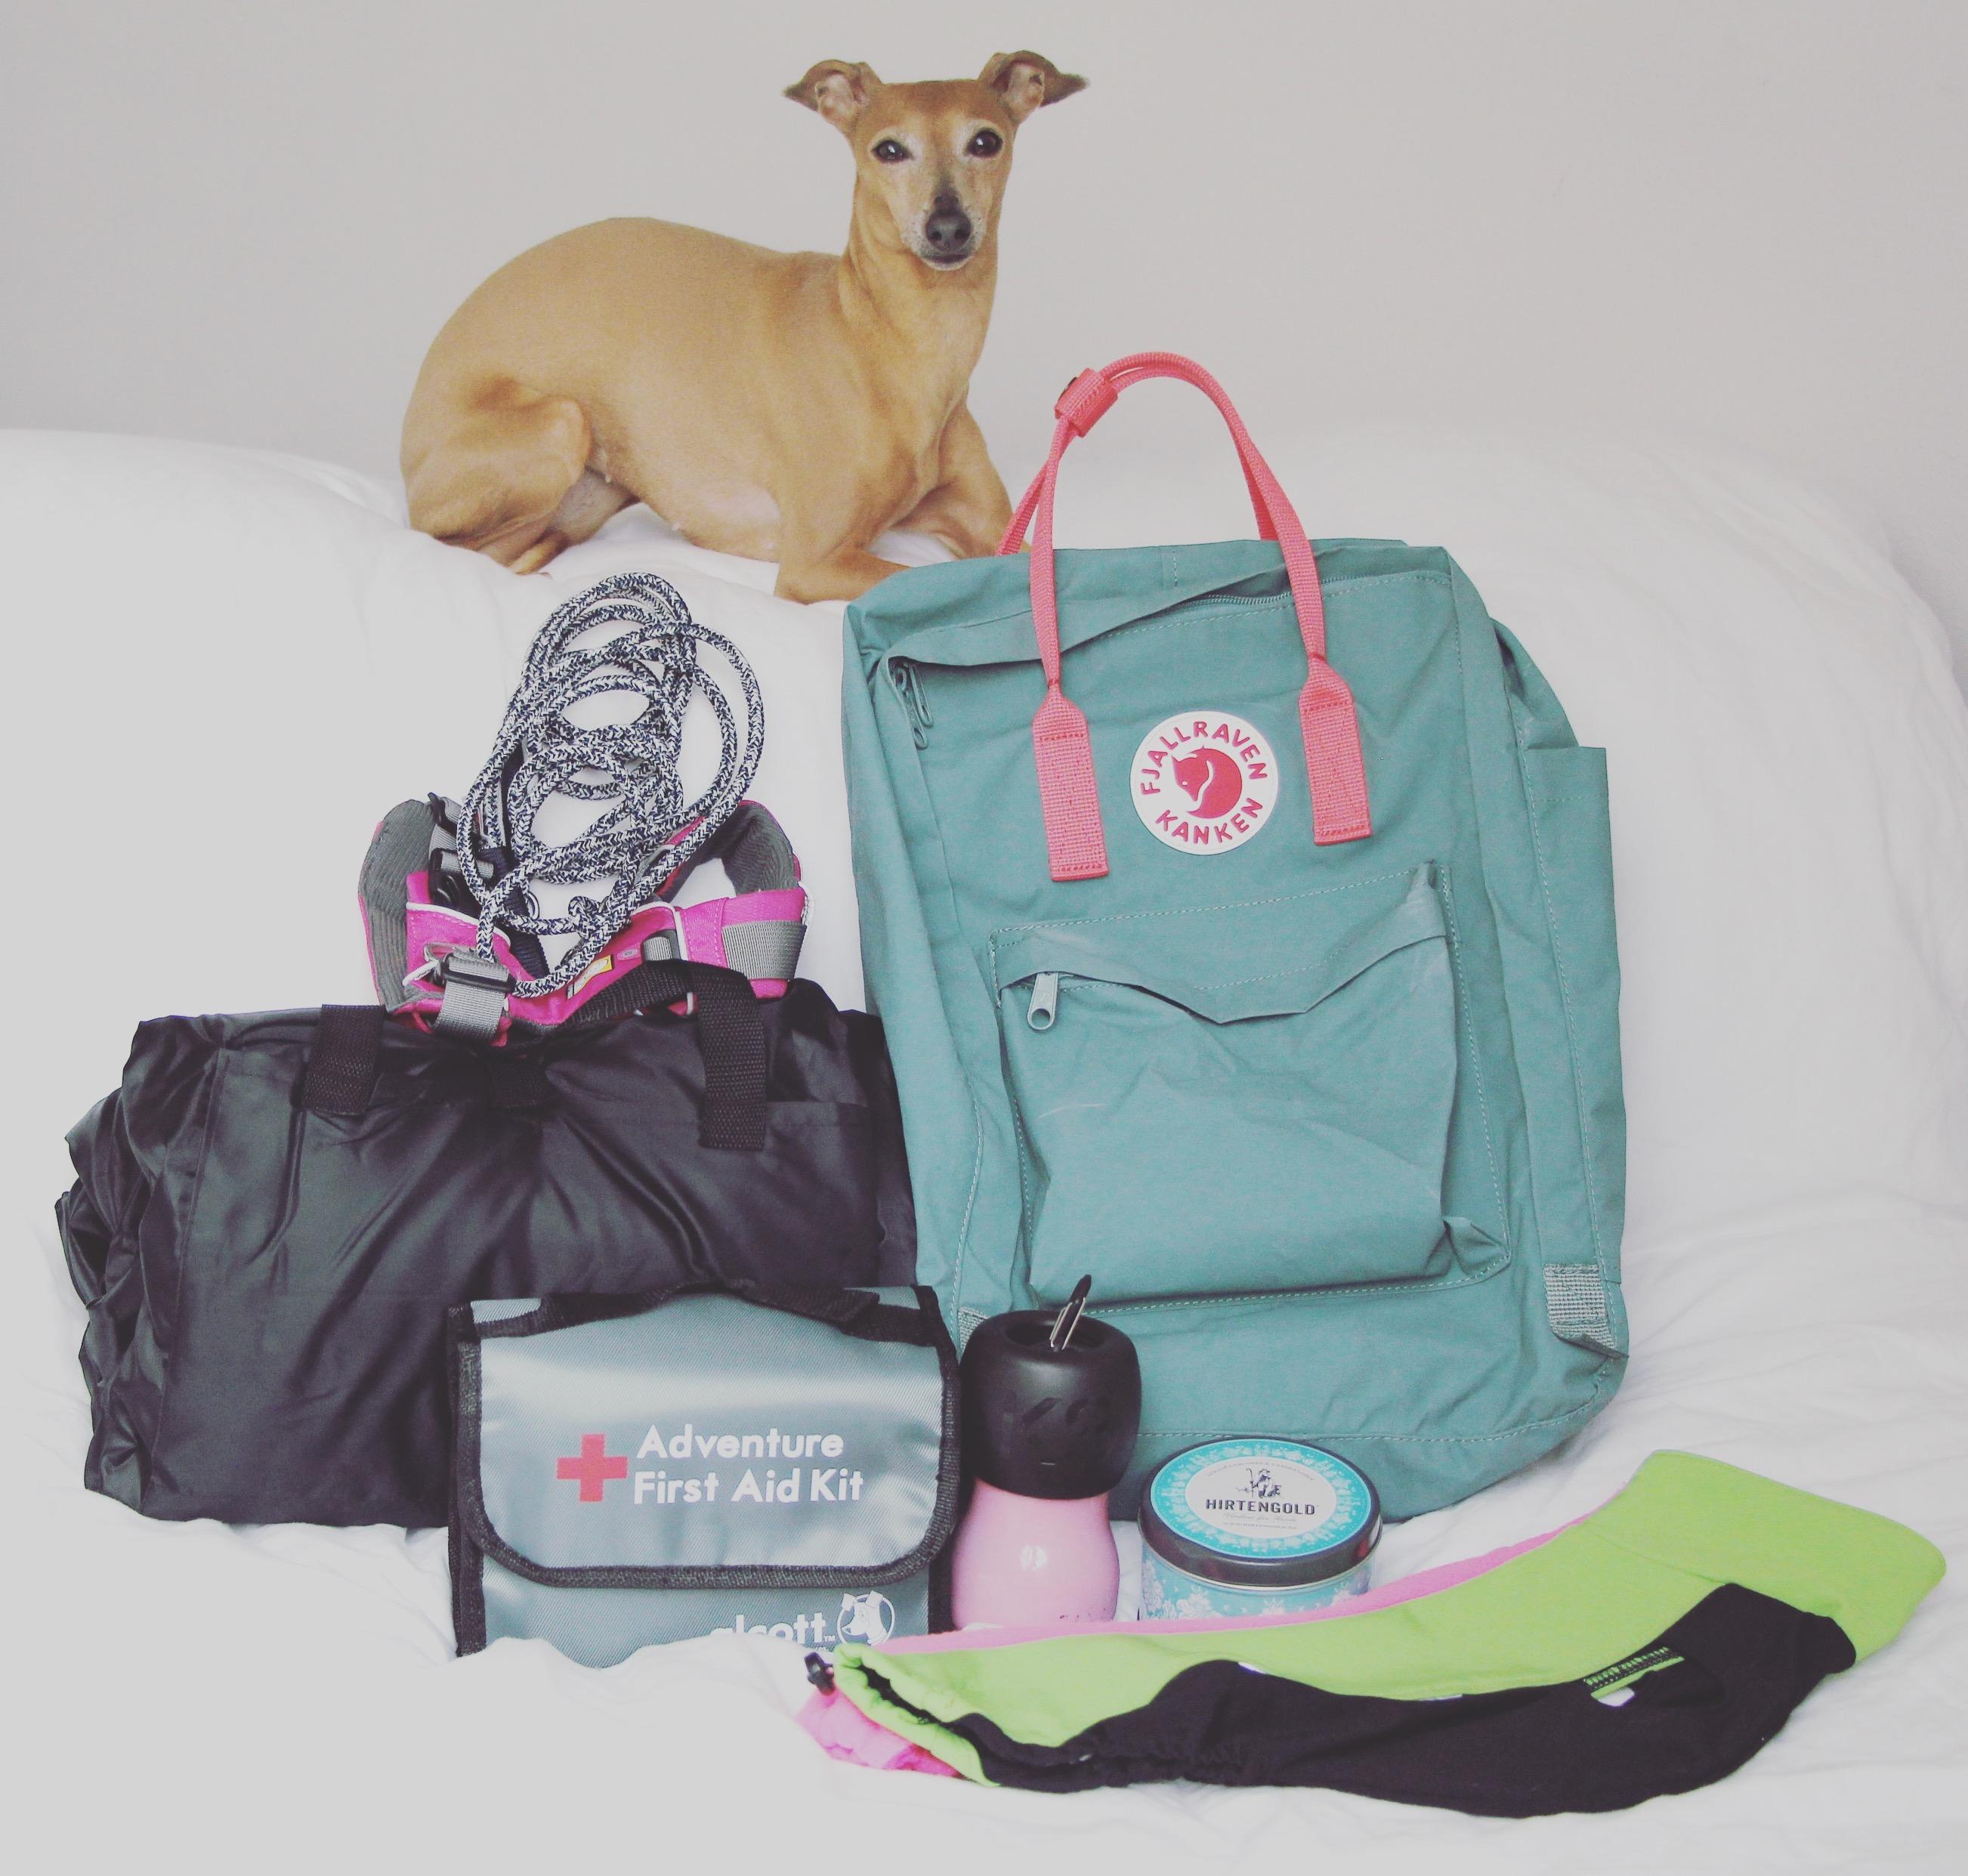 Packliste für eine Wanderung mit Hund 0999